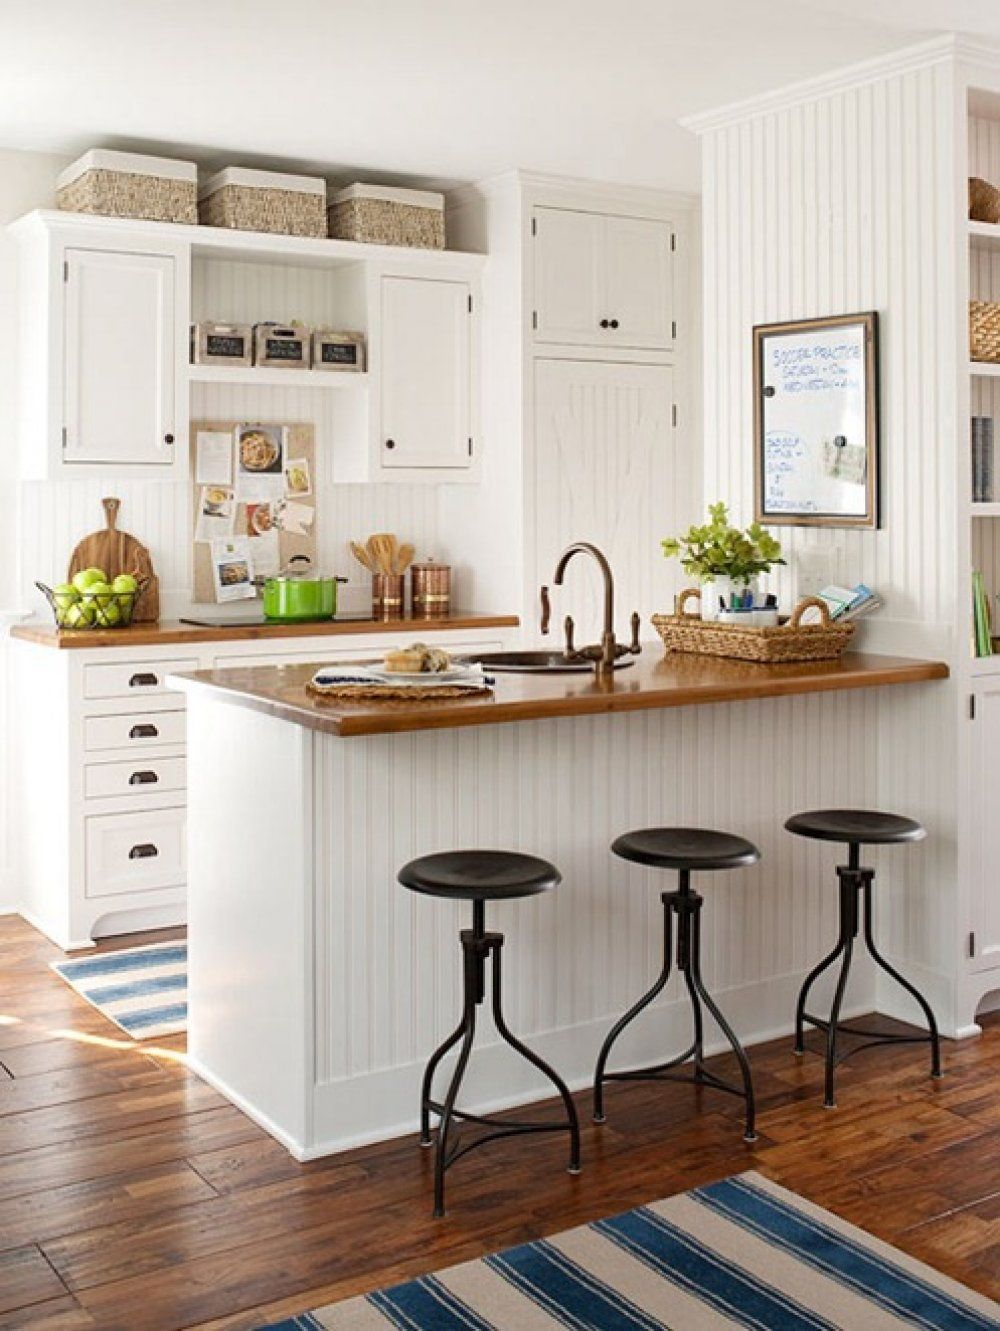 Küchenideen in kerala sehr kleine küche design  sehr kleine küchedesign u möblierung der